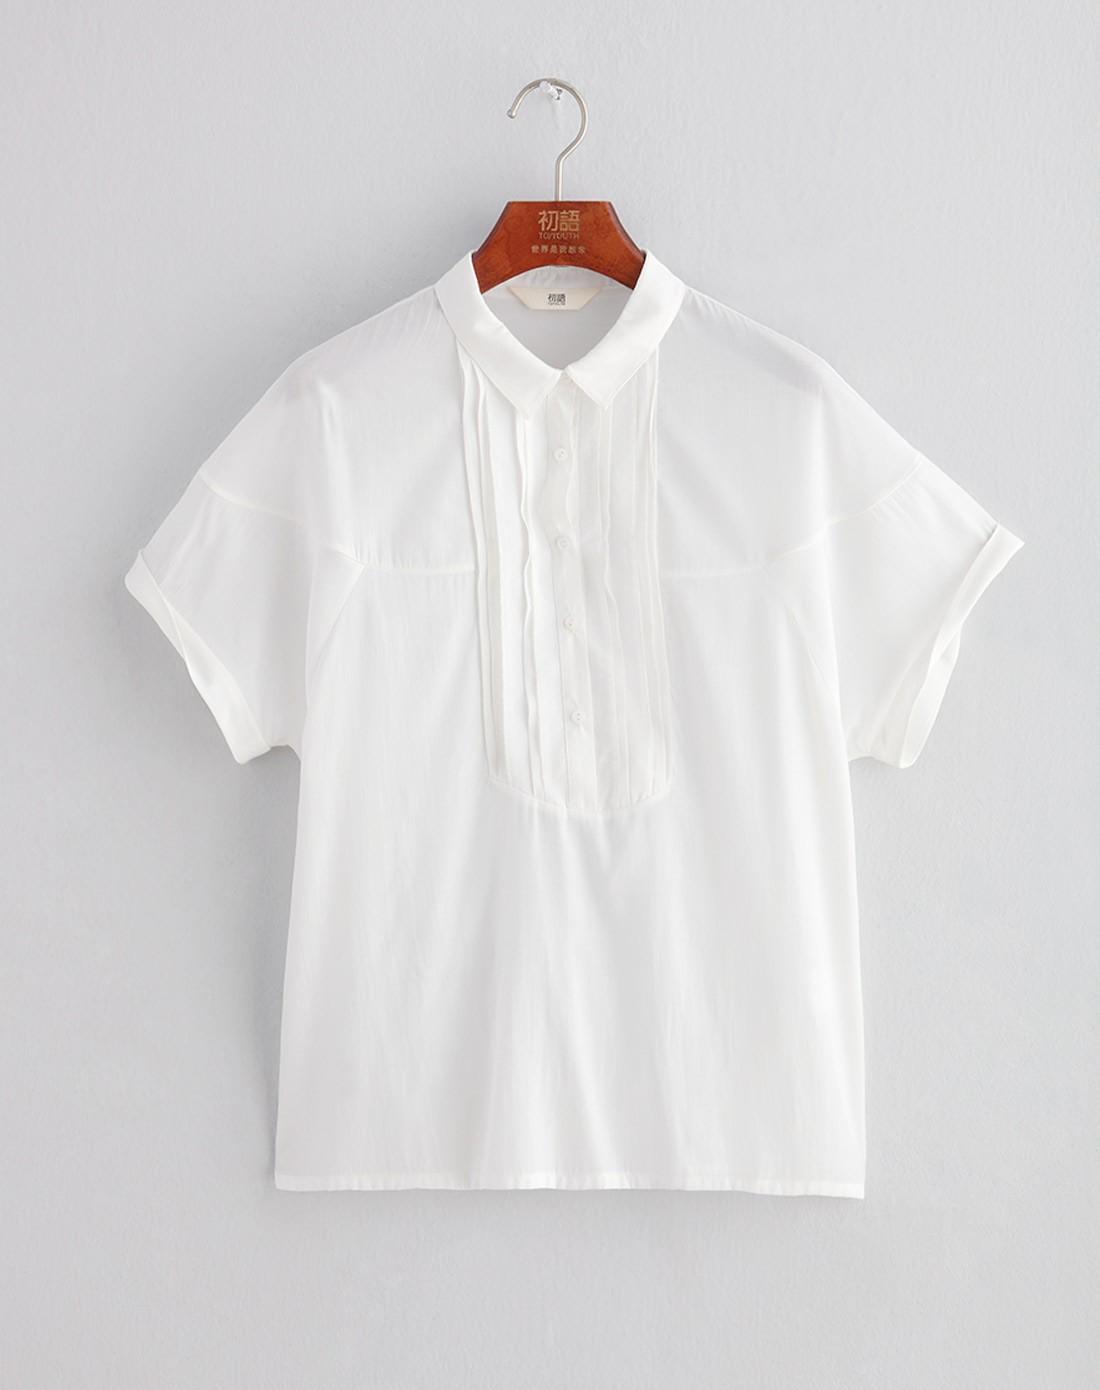 白t恤背面